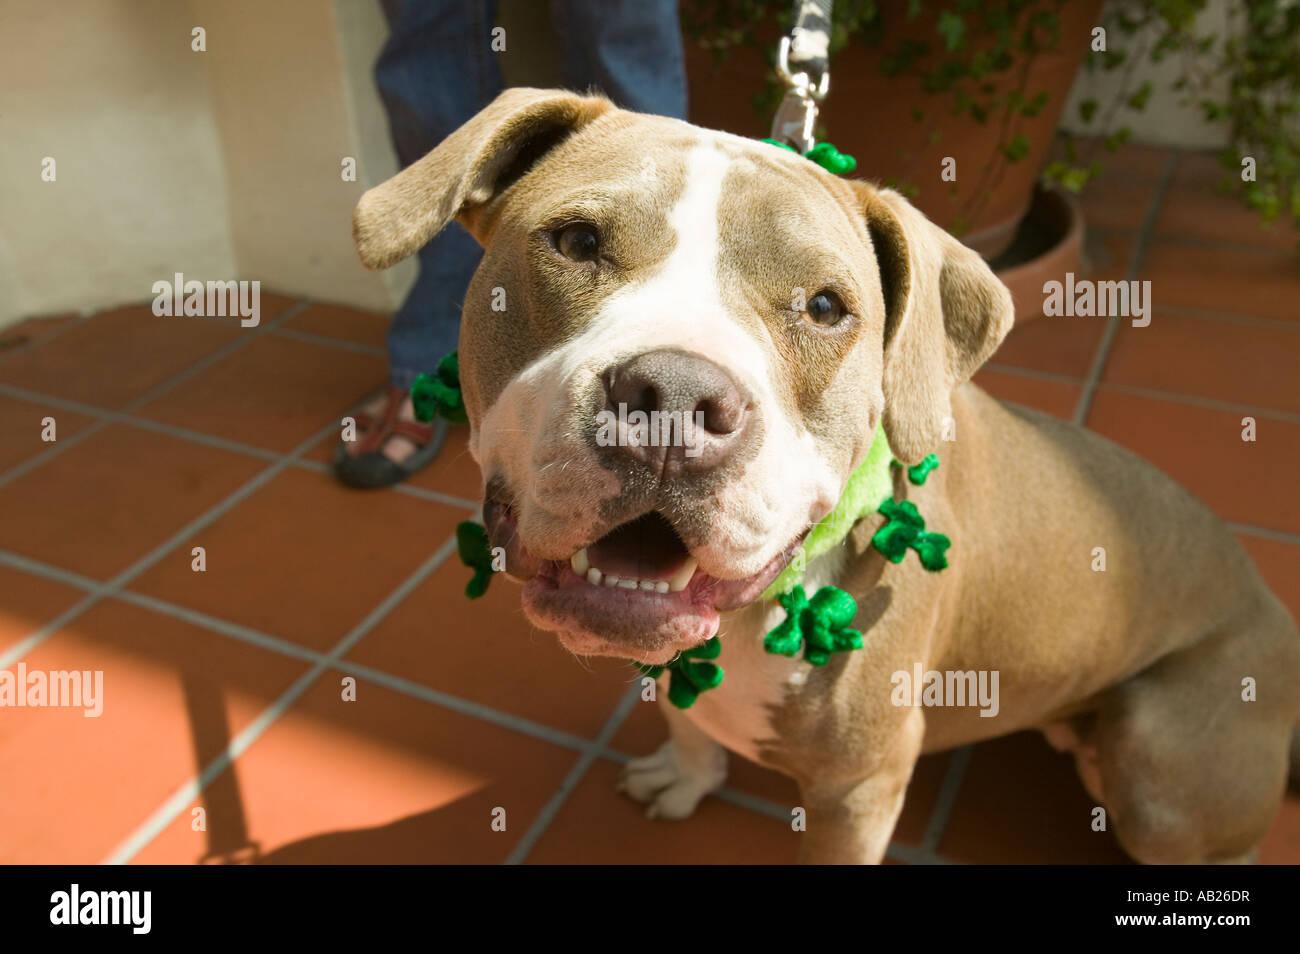 Portrait humoristique d 39 un chien avec un green st patrick s day sur col banque d 39 images photo - Animaux humoristiques ...